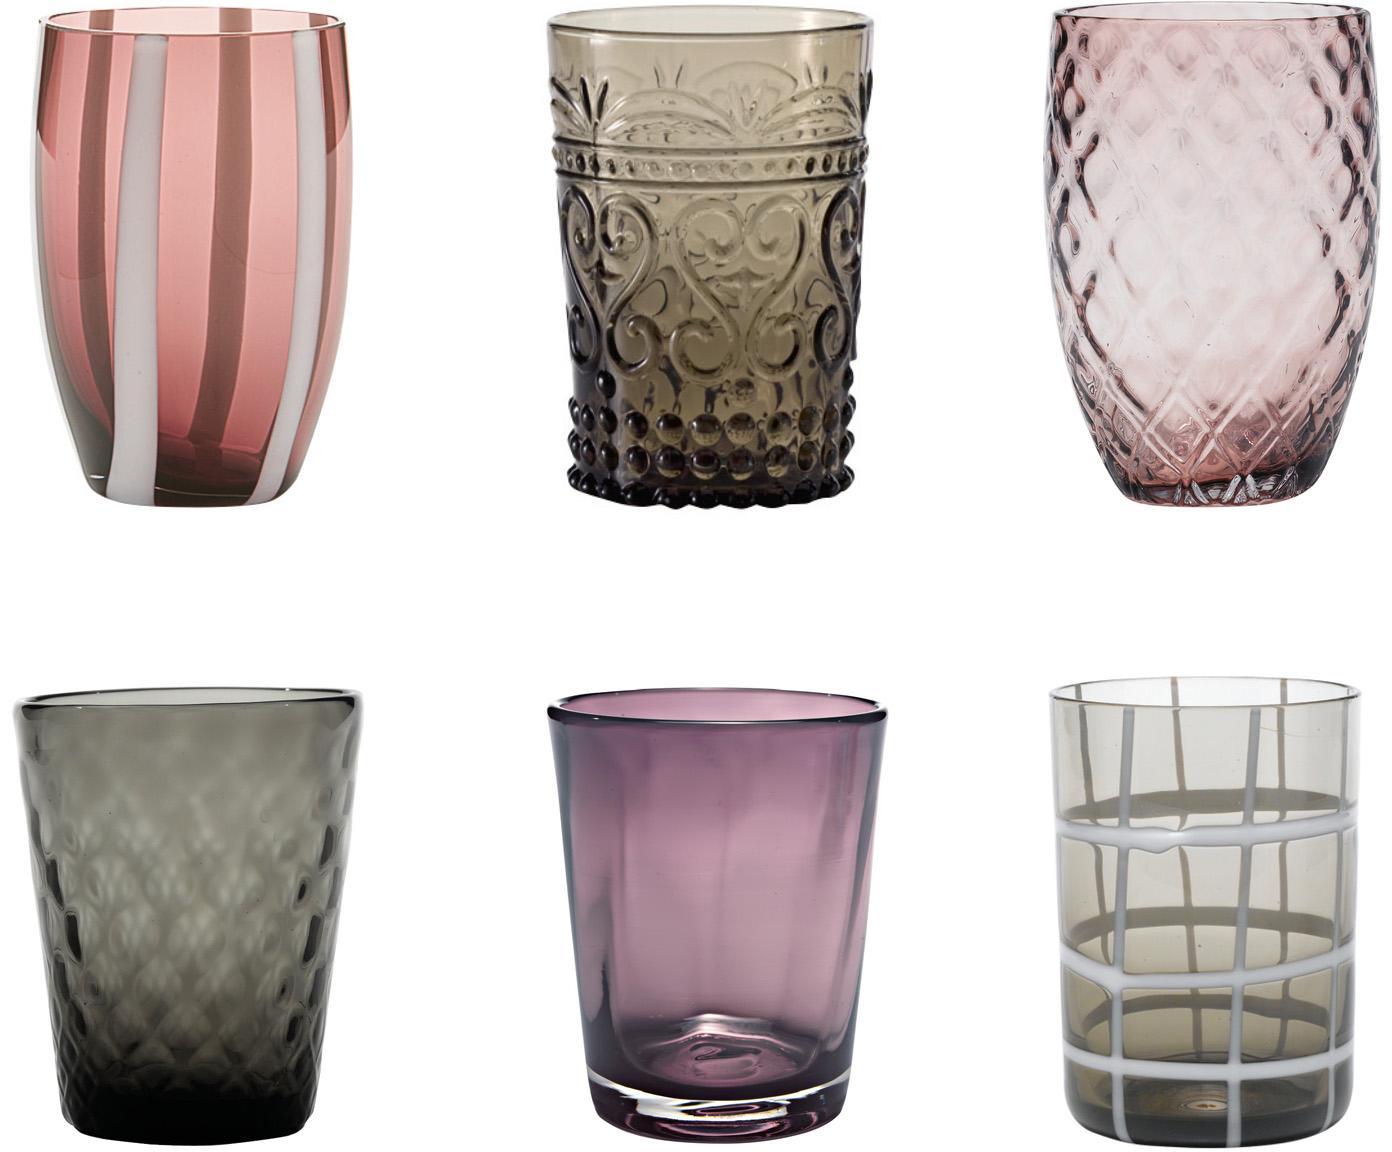 Vasos de colores con diseños diferentes Melting, 6uds., Vidrio, Tonos grises y lilas, Tamaños diferentes